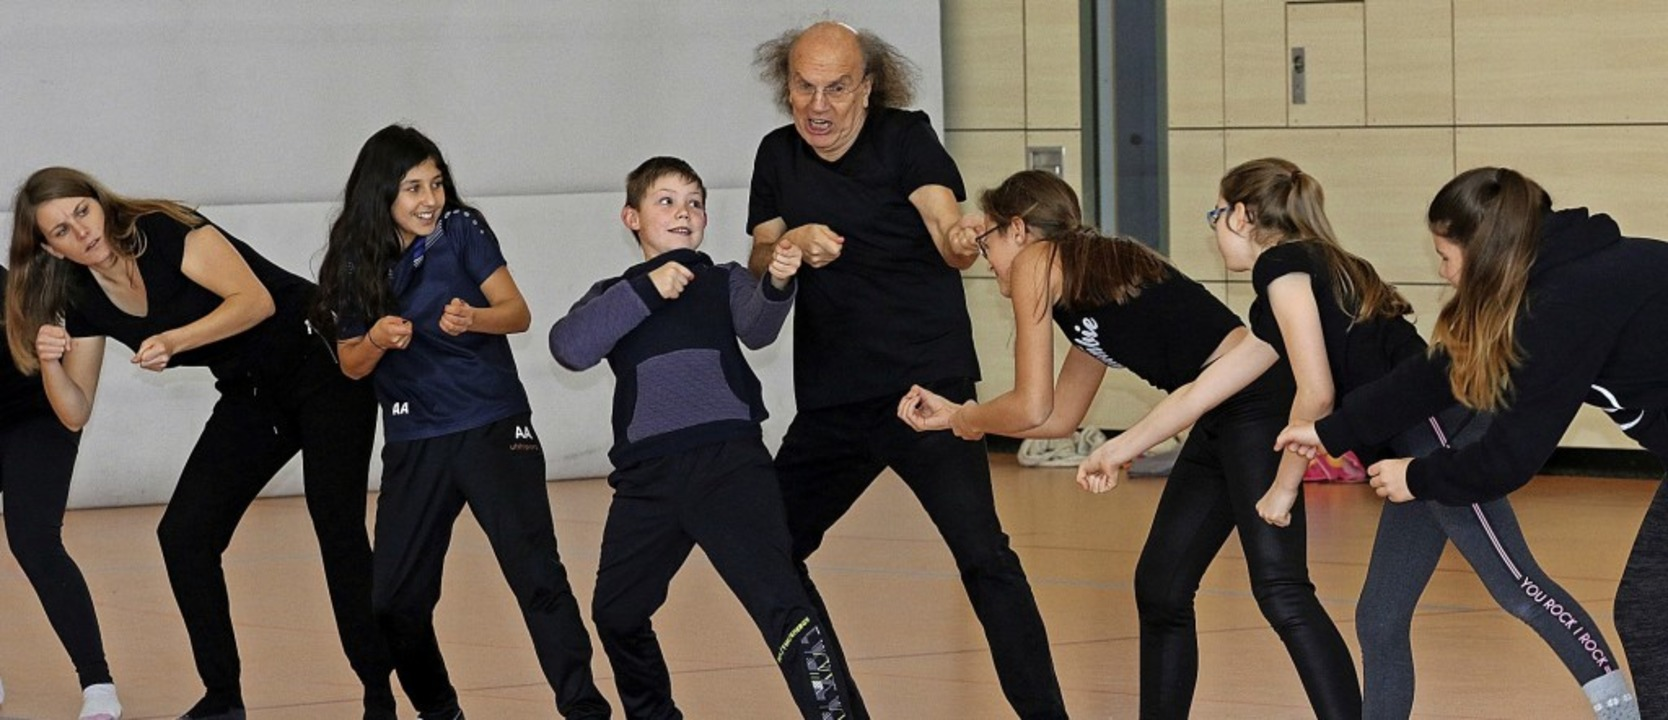 Peter Mim übt mit den Schülern virtuel...nstrengung kommt in den Gesichtern an.  | Foto: Gudrun Deinzer